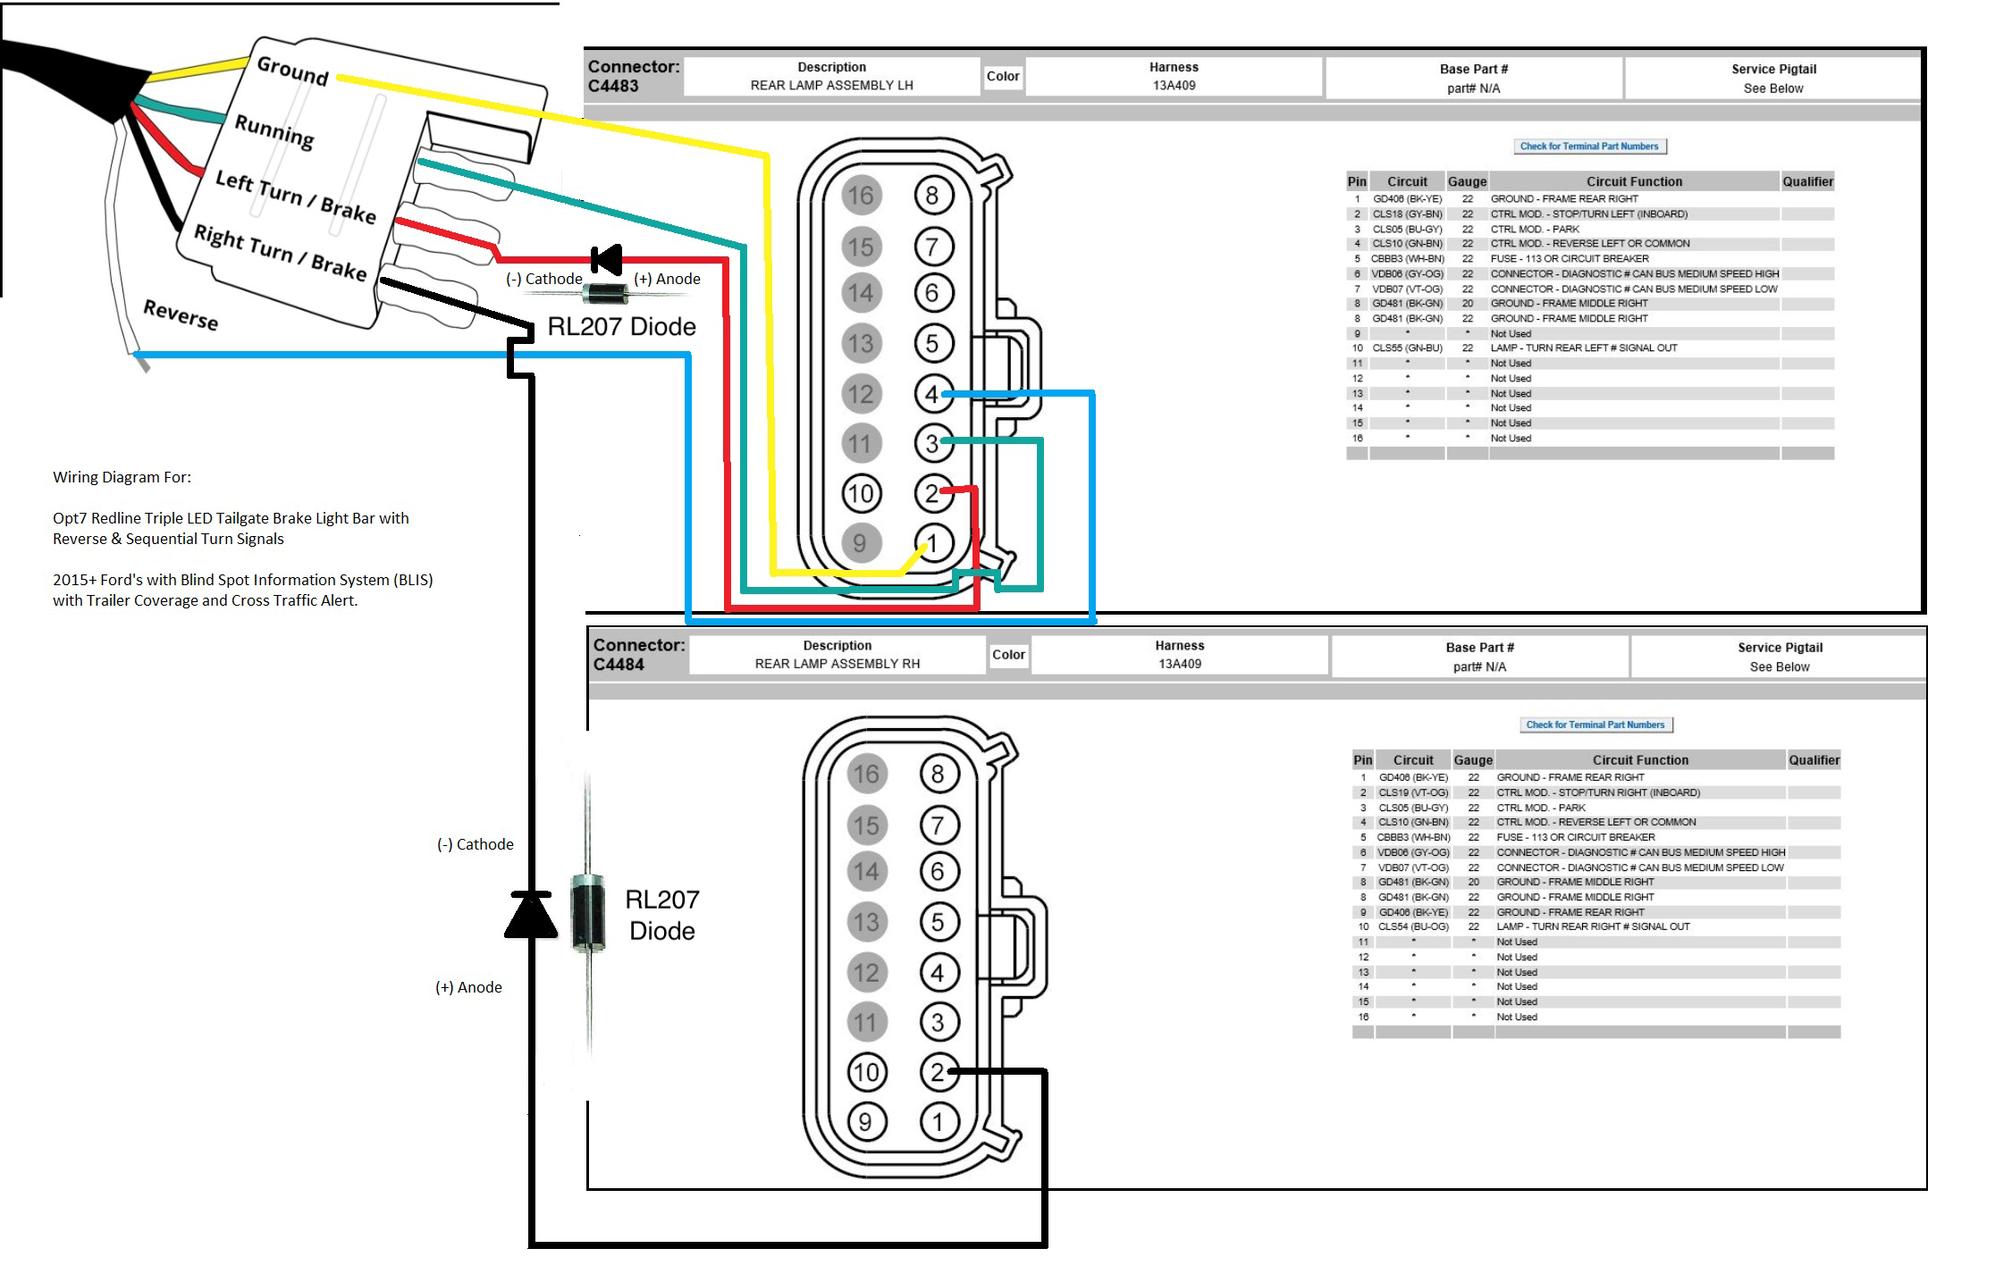 Redline Led Tailgate Light Bar Wiring Diagram